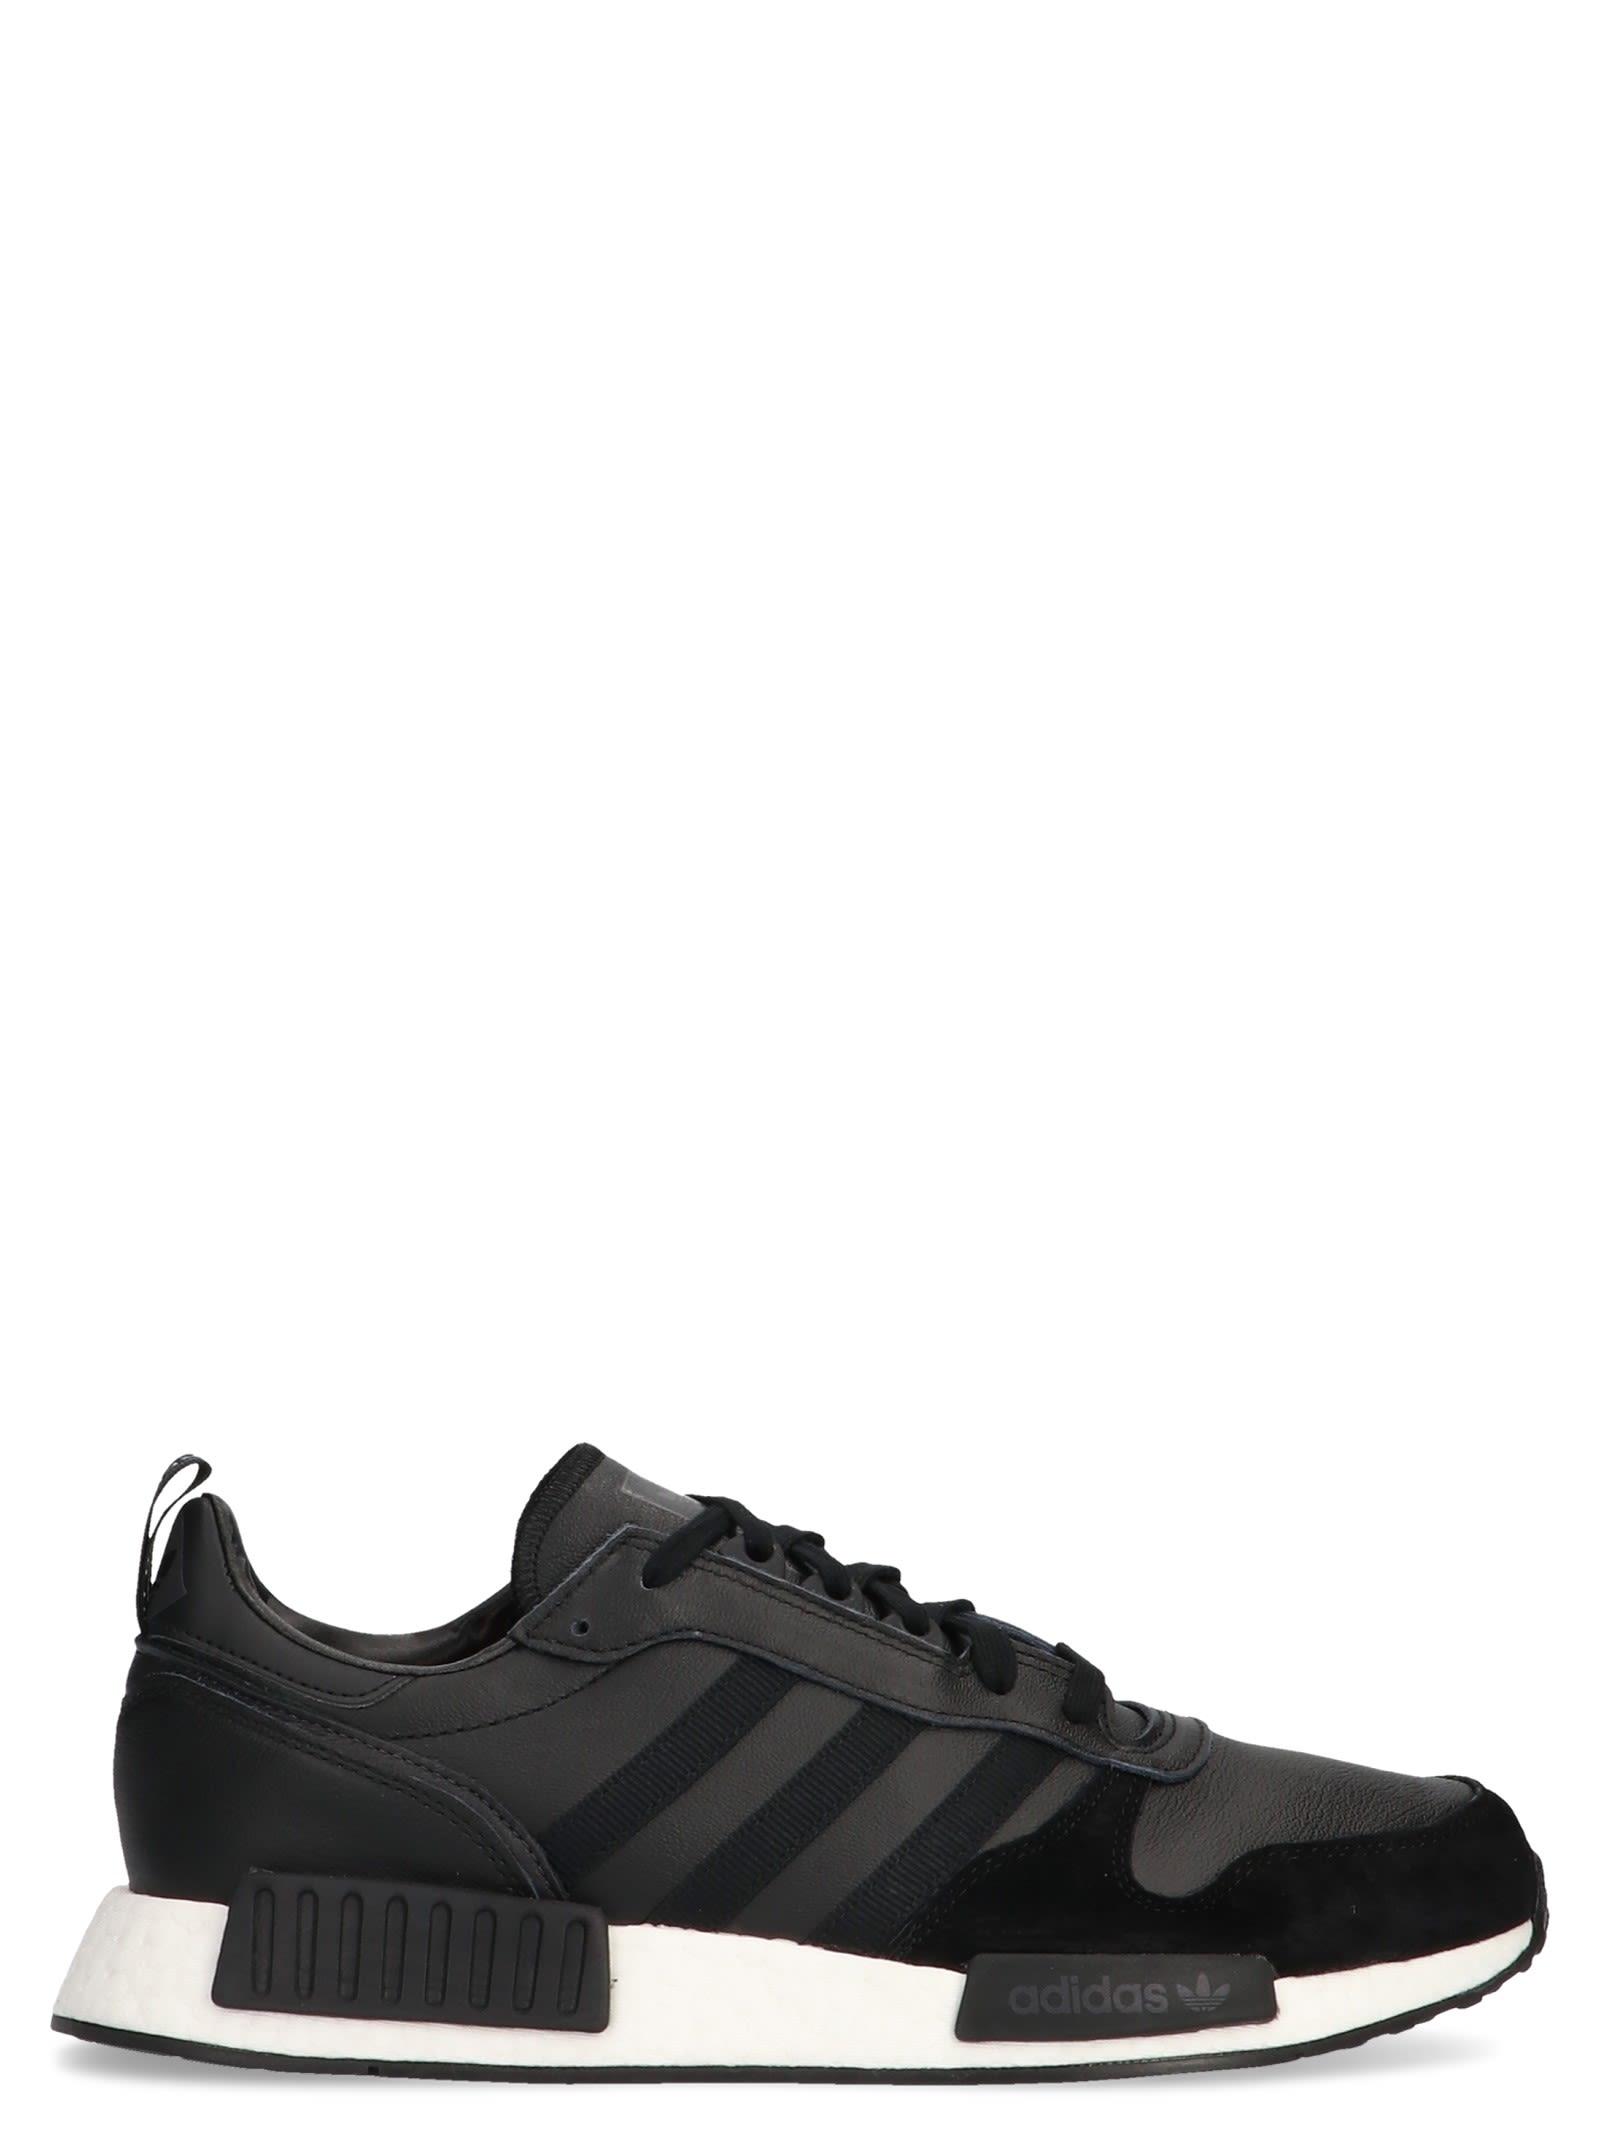 Adidas Originals 'rising Star X R1' Shoes